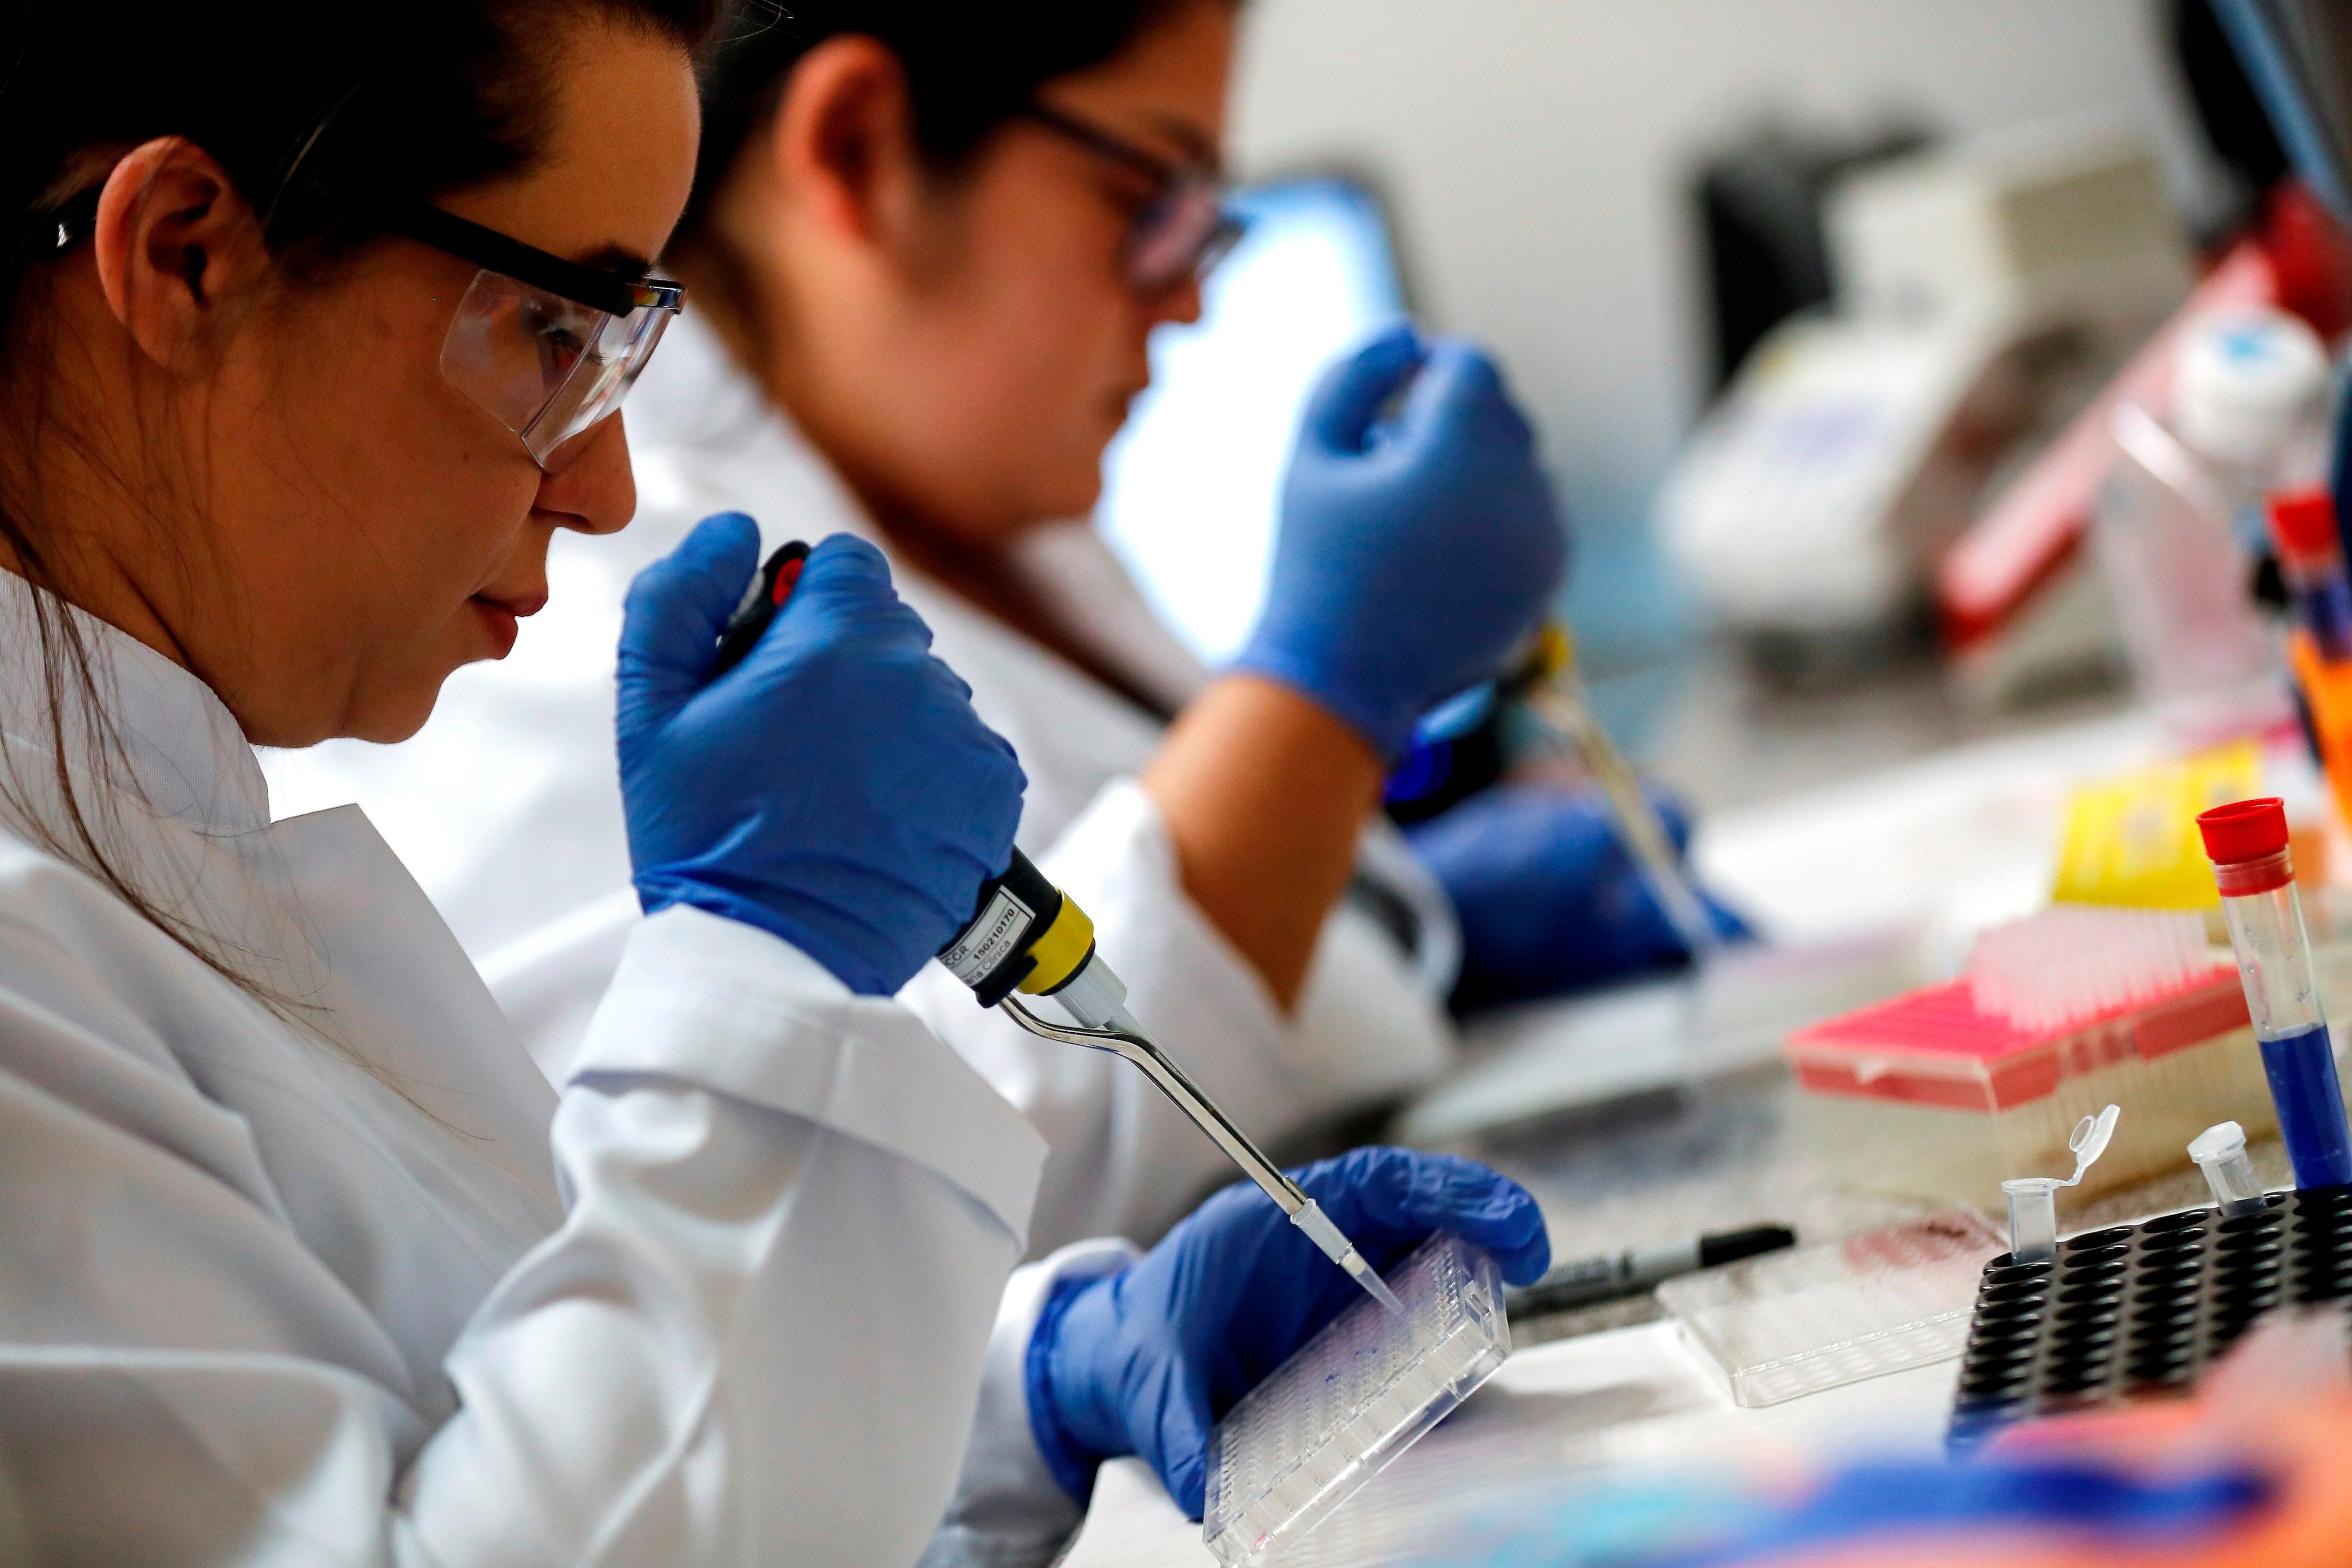 Los investigadores brasileños constataron que la proteína spike de la nueva cepa tiene una mayor fuerza de interacción molecular con el receptor ACE2. EFE/Sebastiao Moreira/Archivo